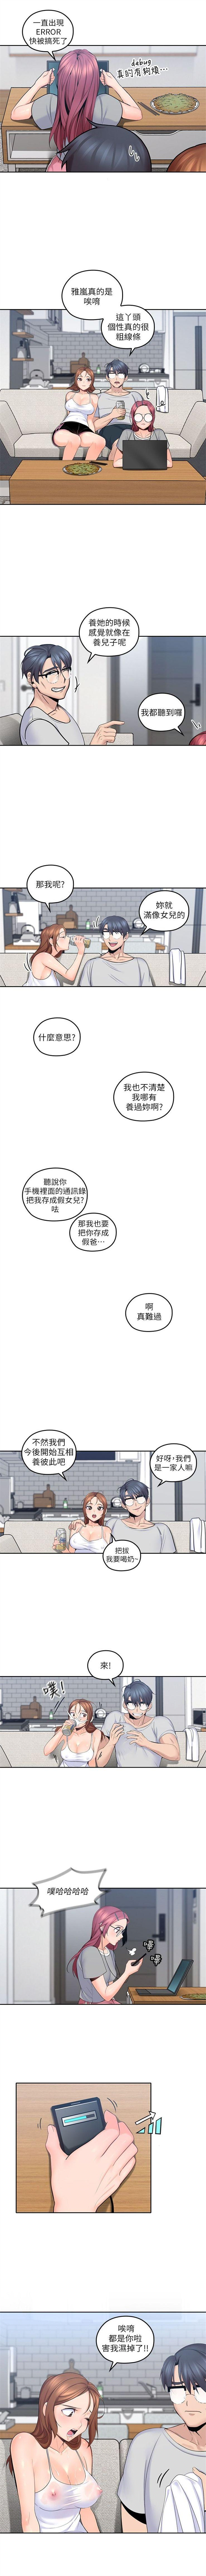 (週4)親愛的大叔 1-39 中文翻譯(更新中) 53